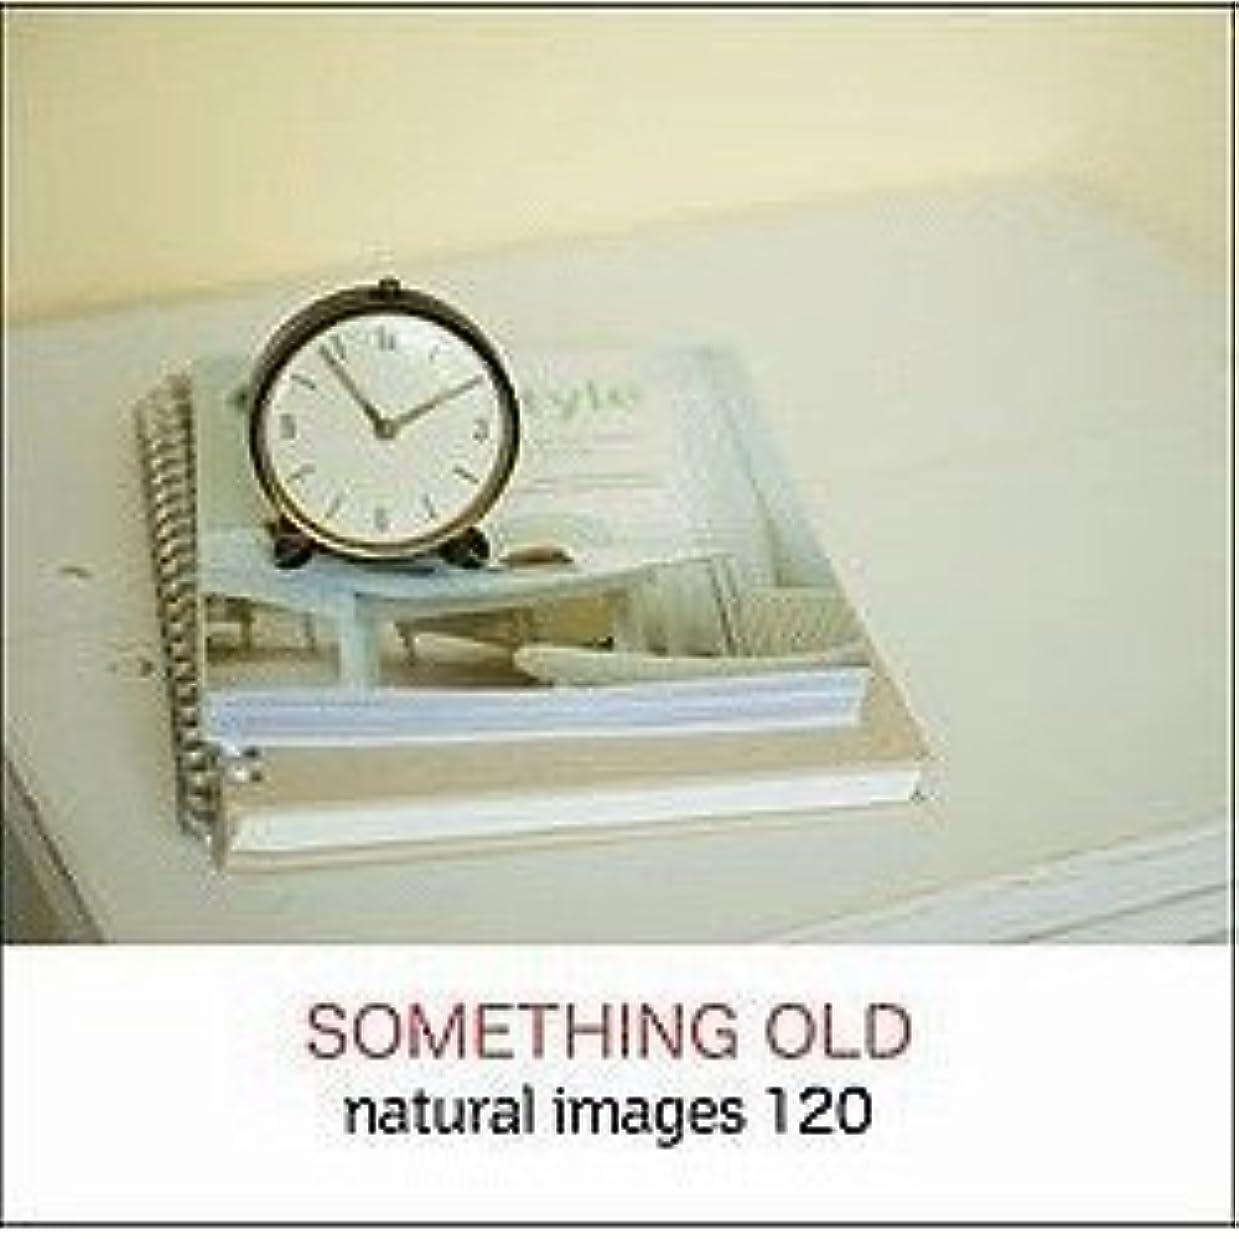 告白する放映試みnaturalimages Vol.120 SOMETHING OLD